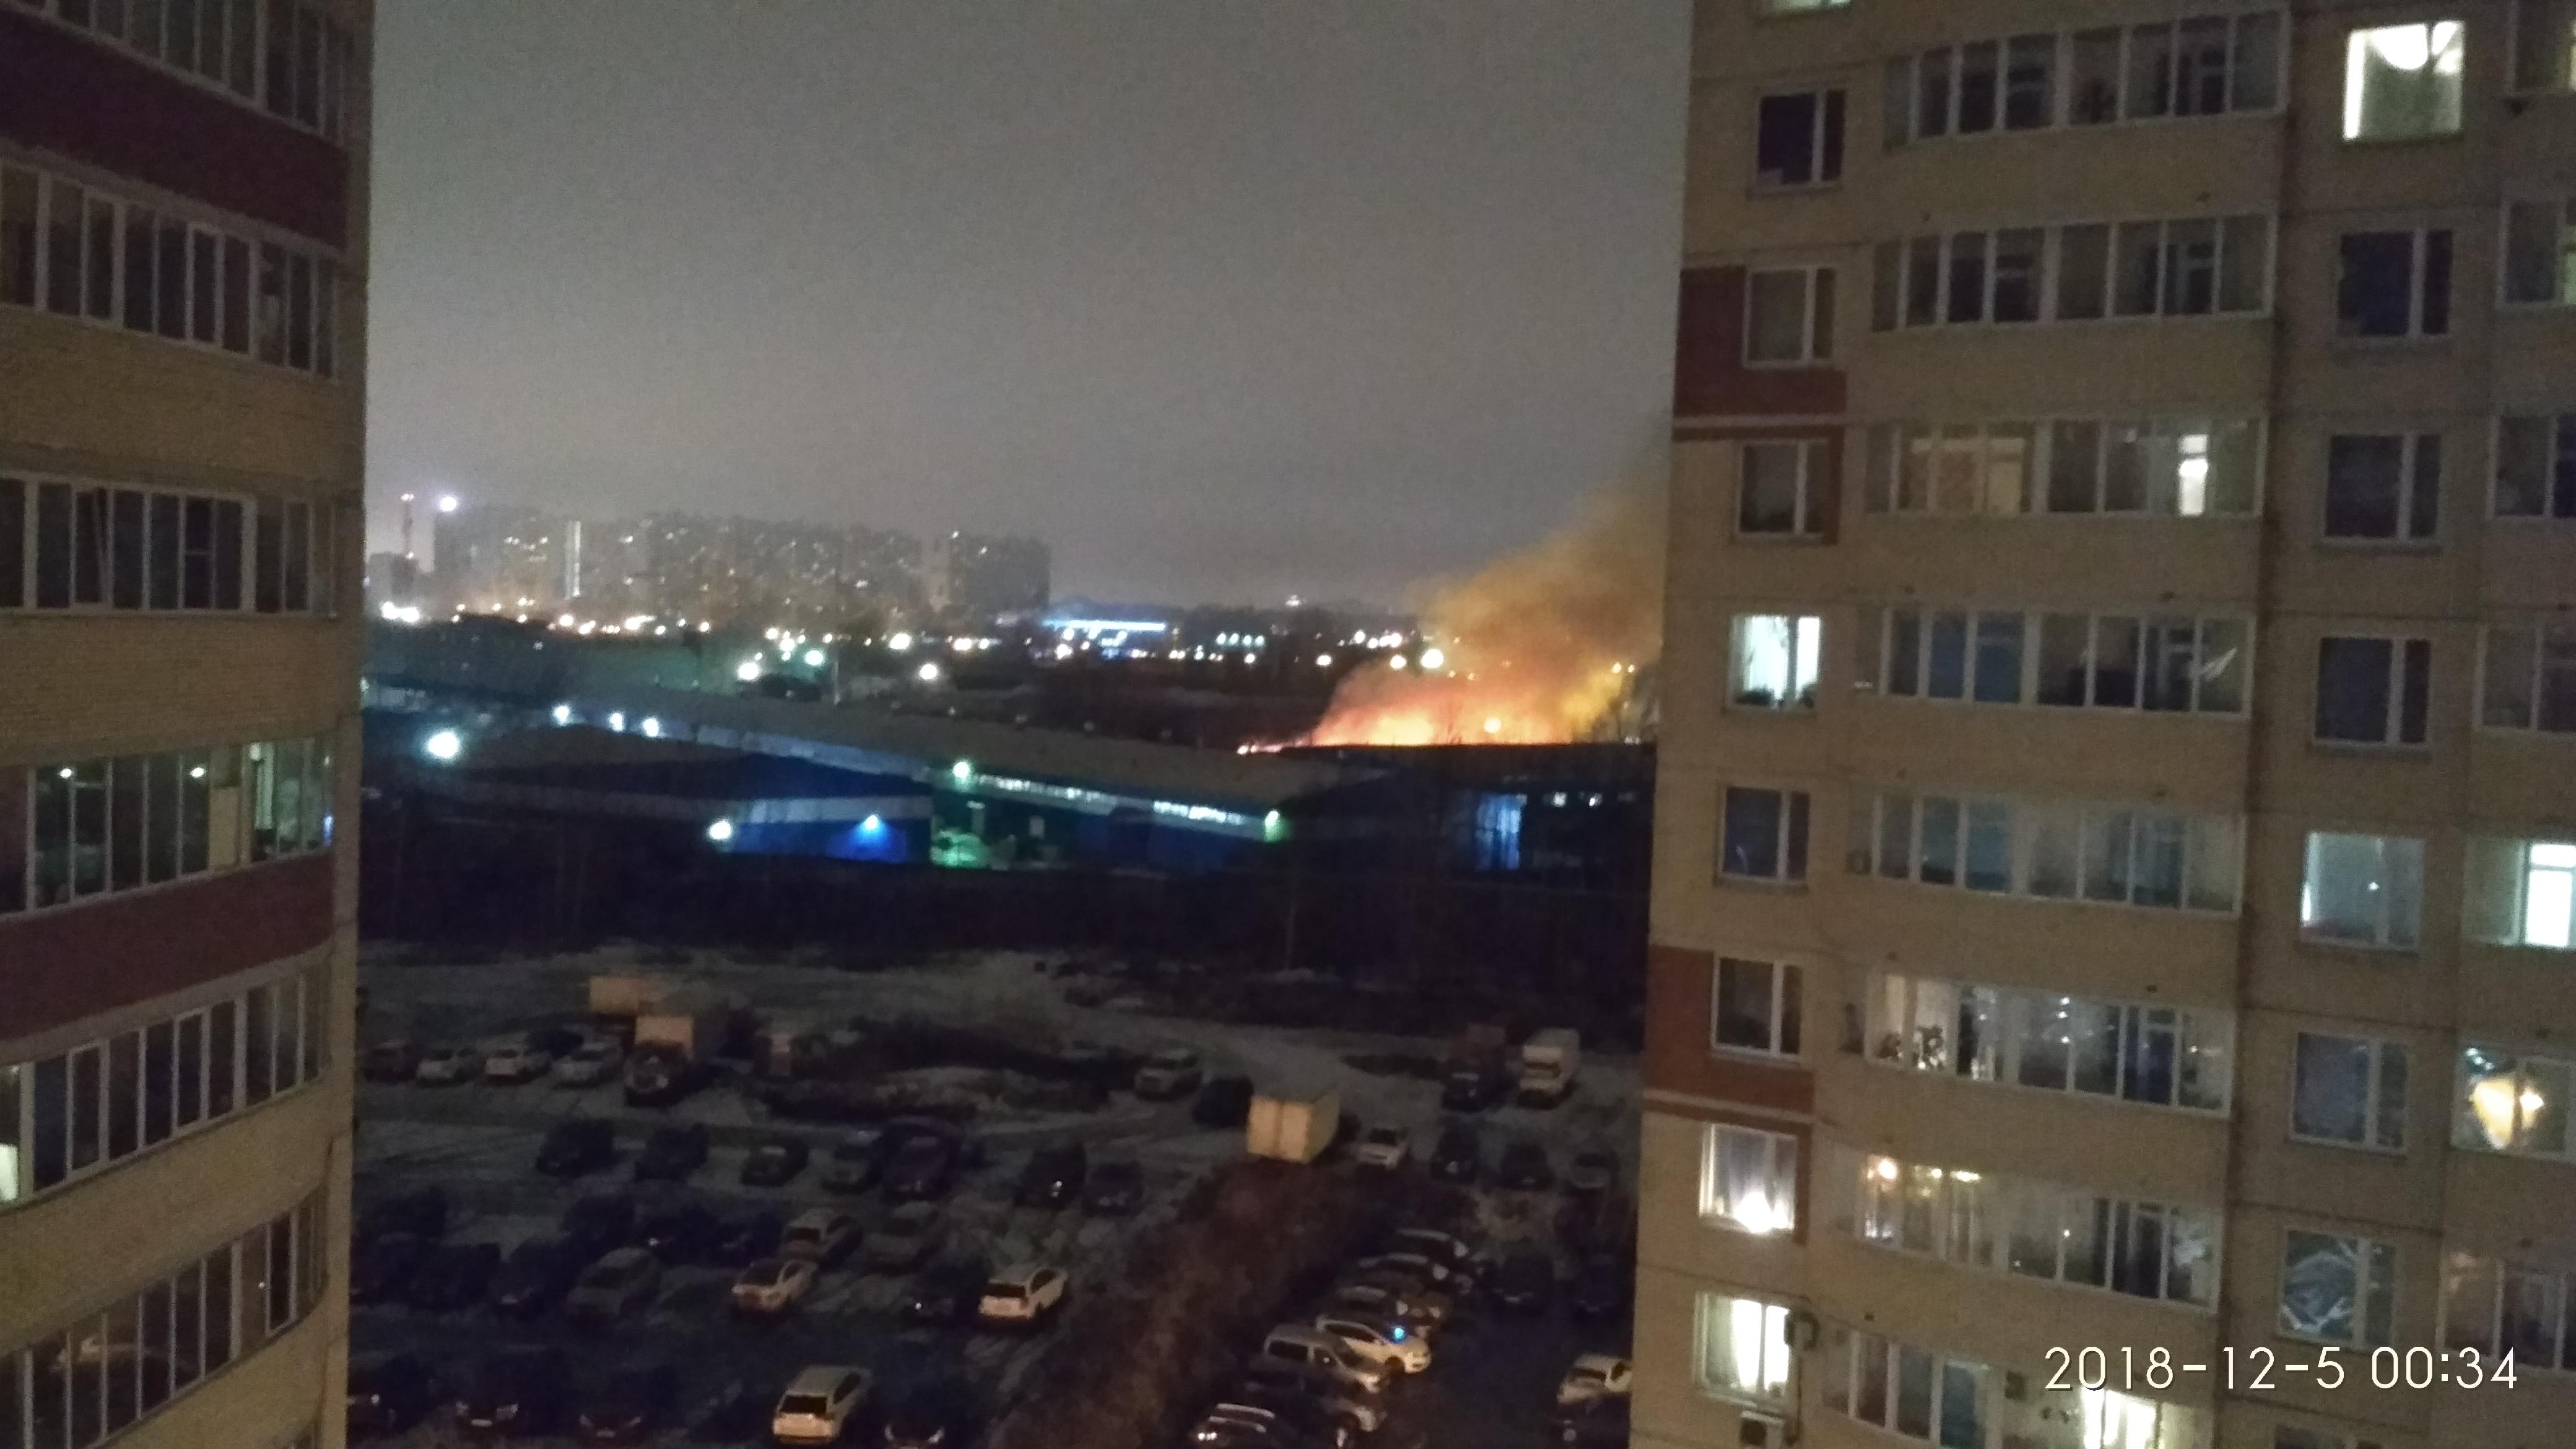 Площадь пожара на Латышских стрелков увеличилась до двух тысяч квадратных метров. Жители окрестных домов жалуются на запах дыма (Иллюстрация 1 из 1) (Фото: Игорь Агафонов)